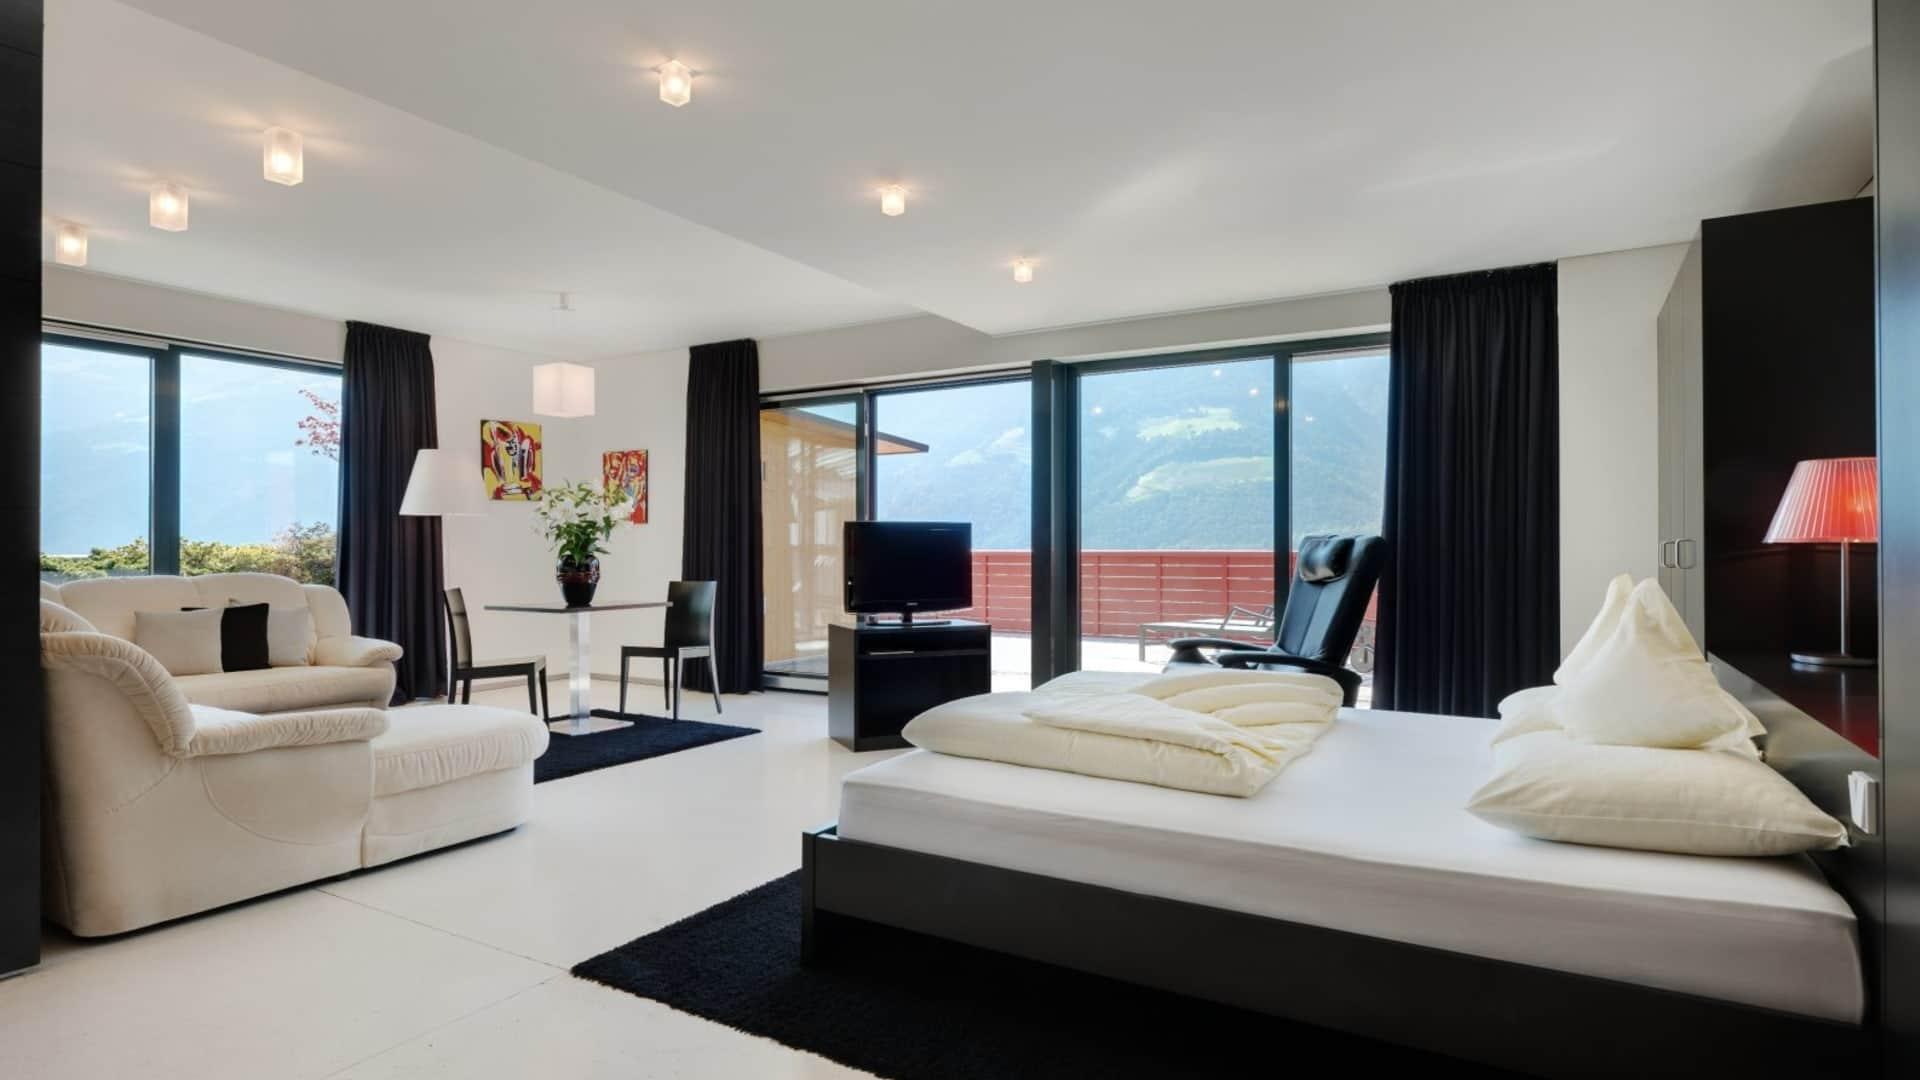 Black & White Suite - großes Schlafzimmer im Hotel